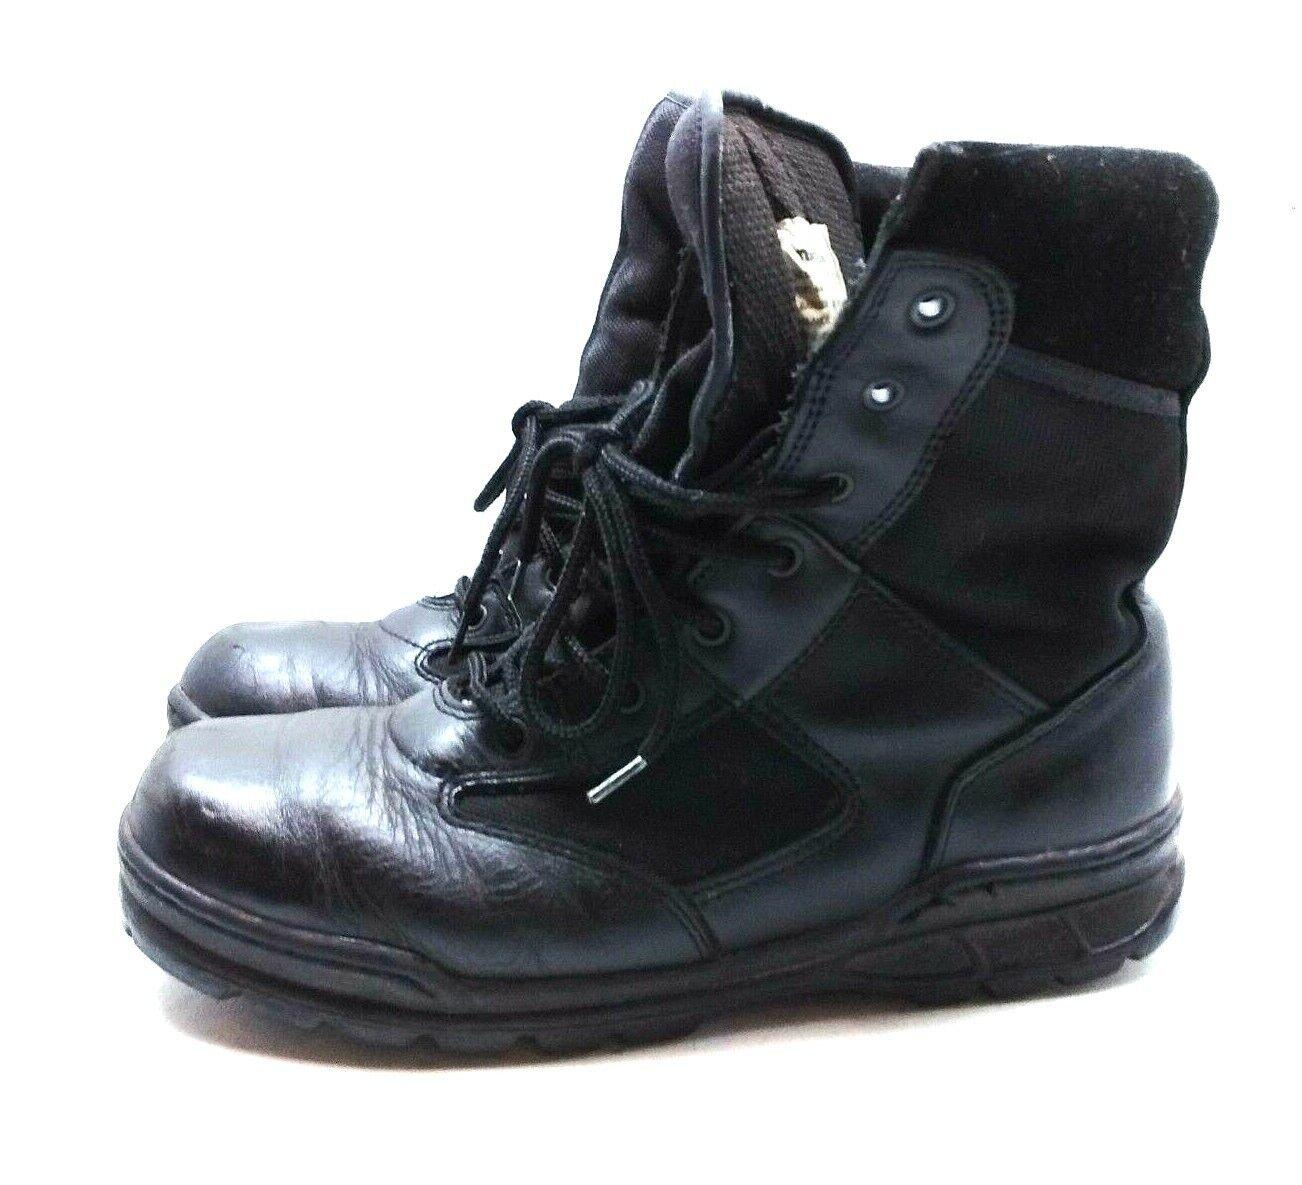 edizione limitata Thorogood nero nero nero Leather Tactical Ankle avvio Lace Up Military Duty Uomo scarpe 9.5M  ampia selezione